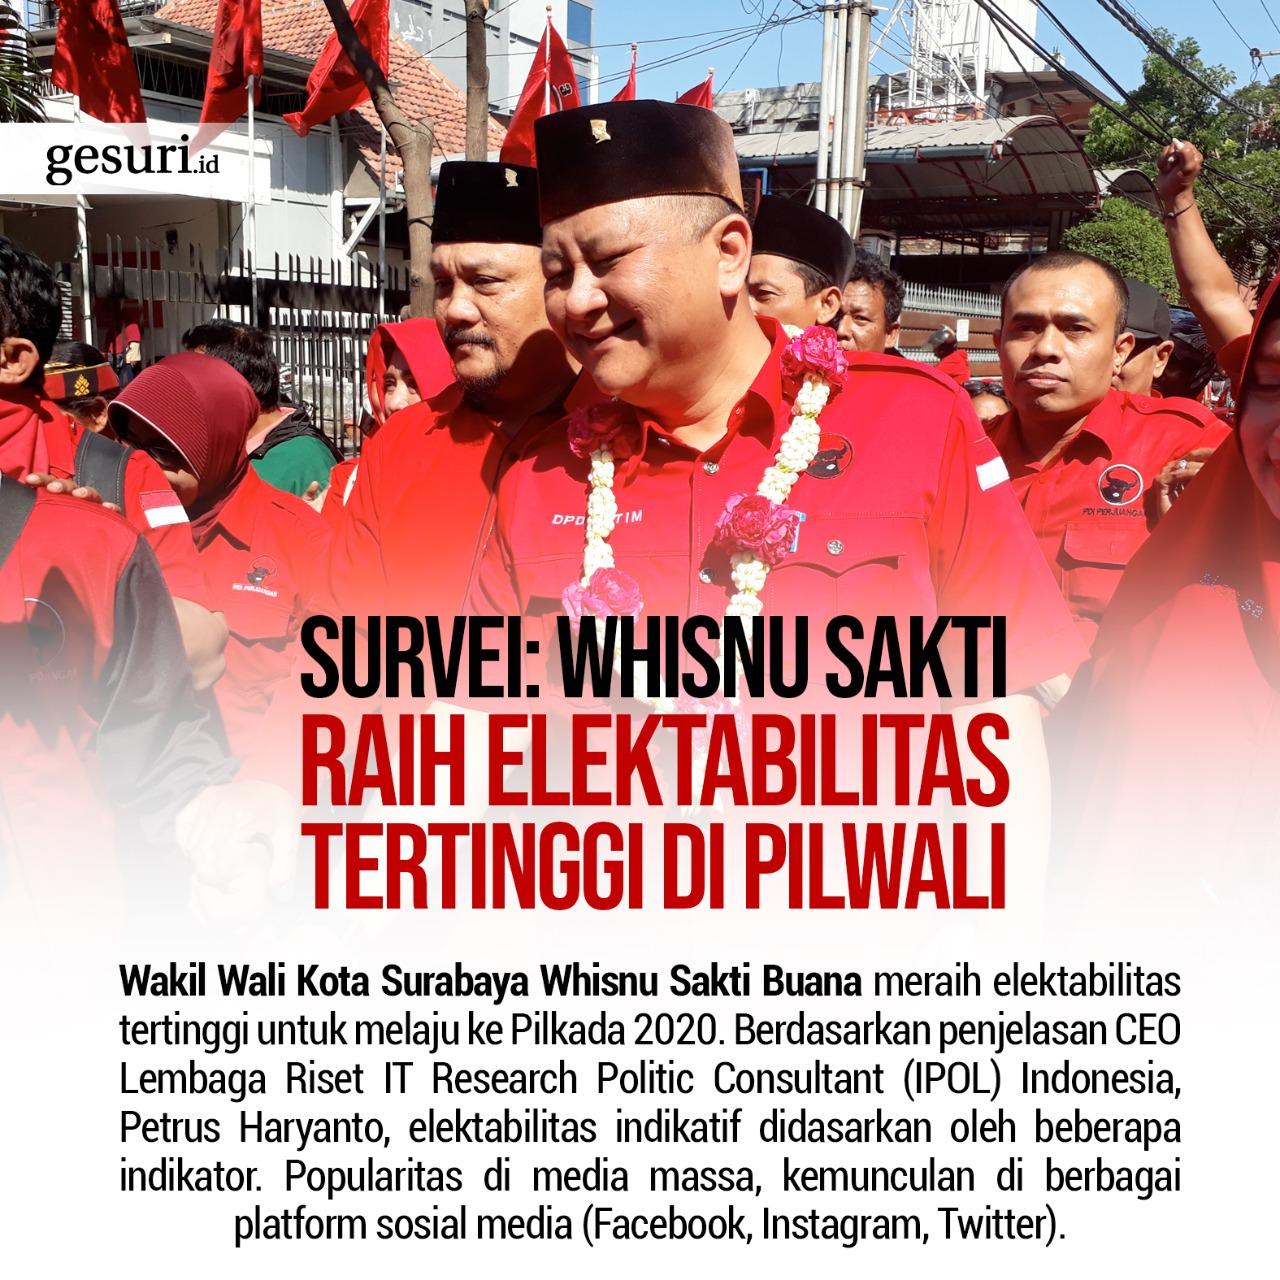 Survei: Whisnu Sakti Raih Elektabilitas Tertinggi di Pilwali